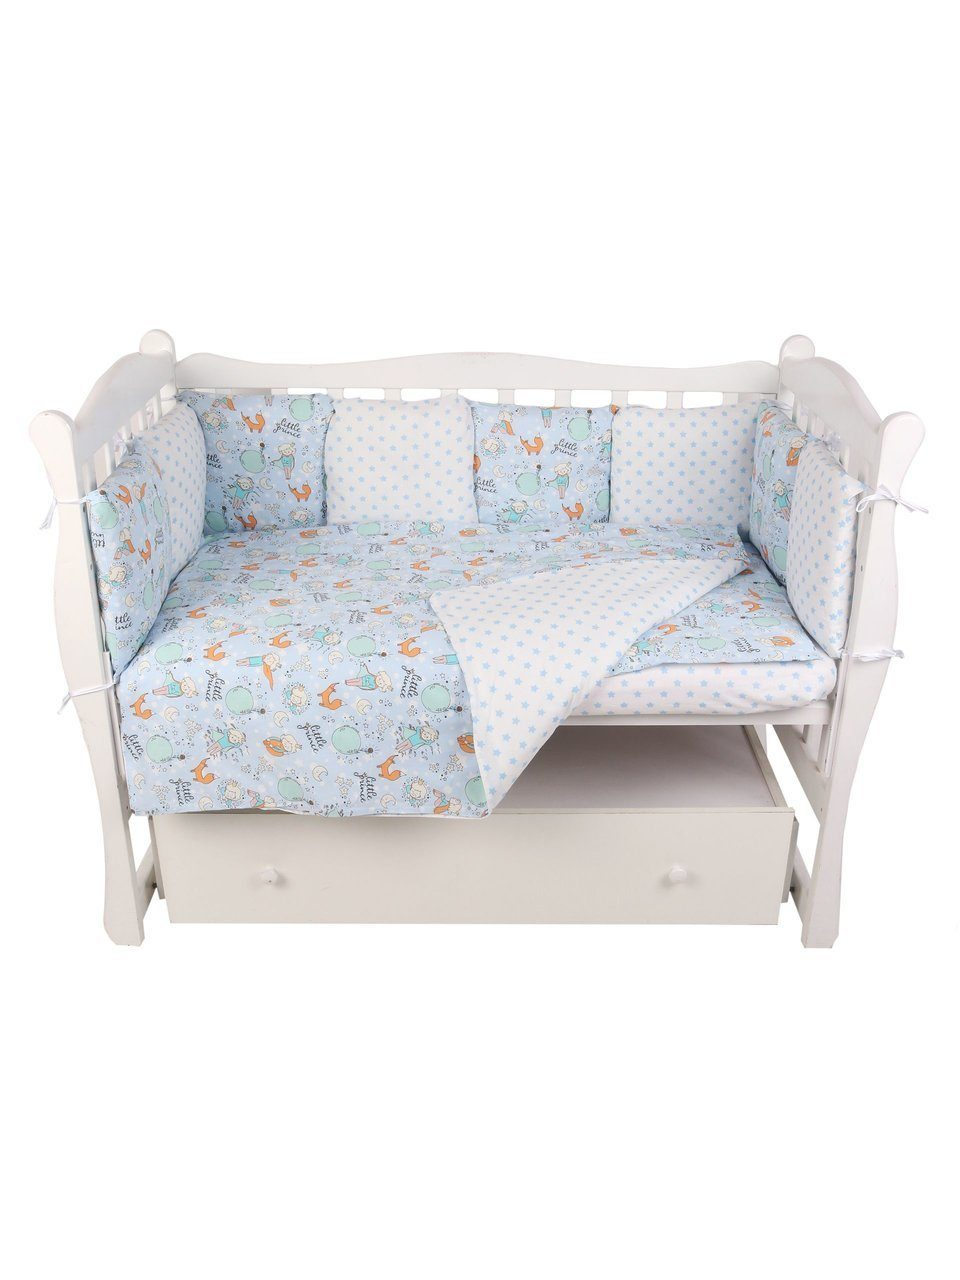 Купить Комплект в кроватку AmaroBaby Маленький принц, поплин, 15 предметов,